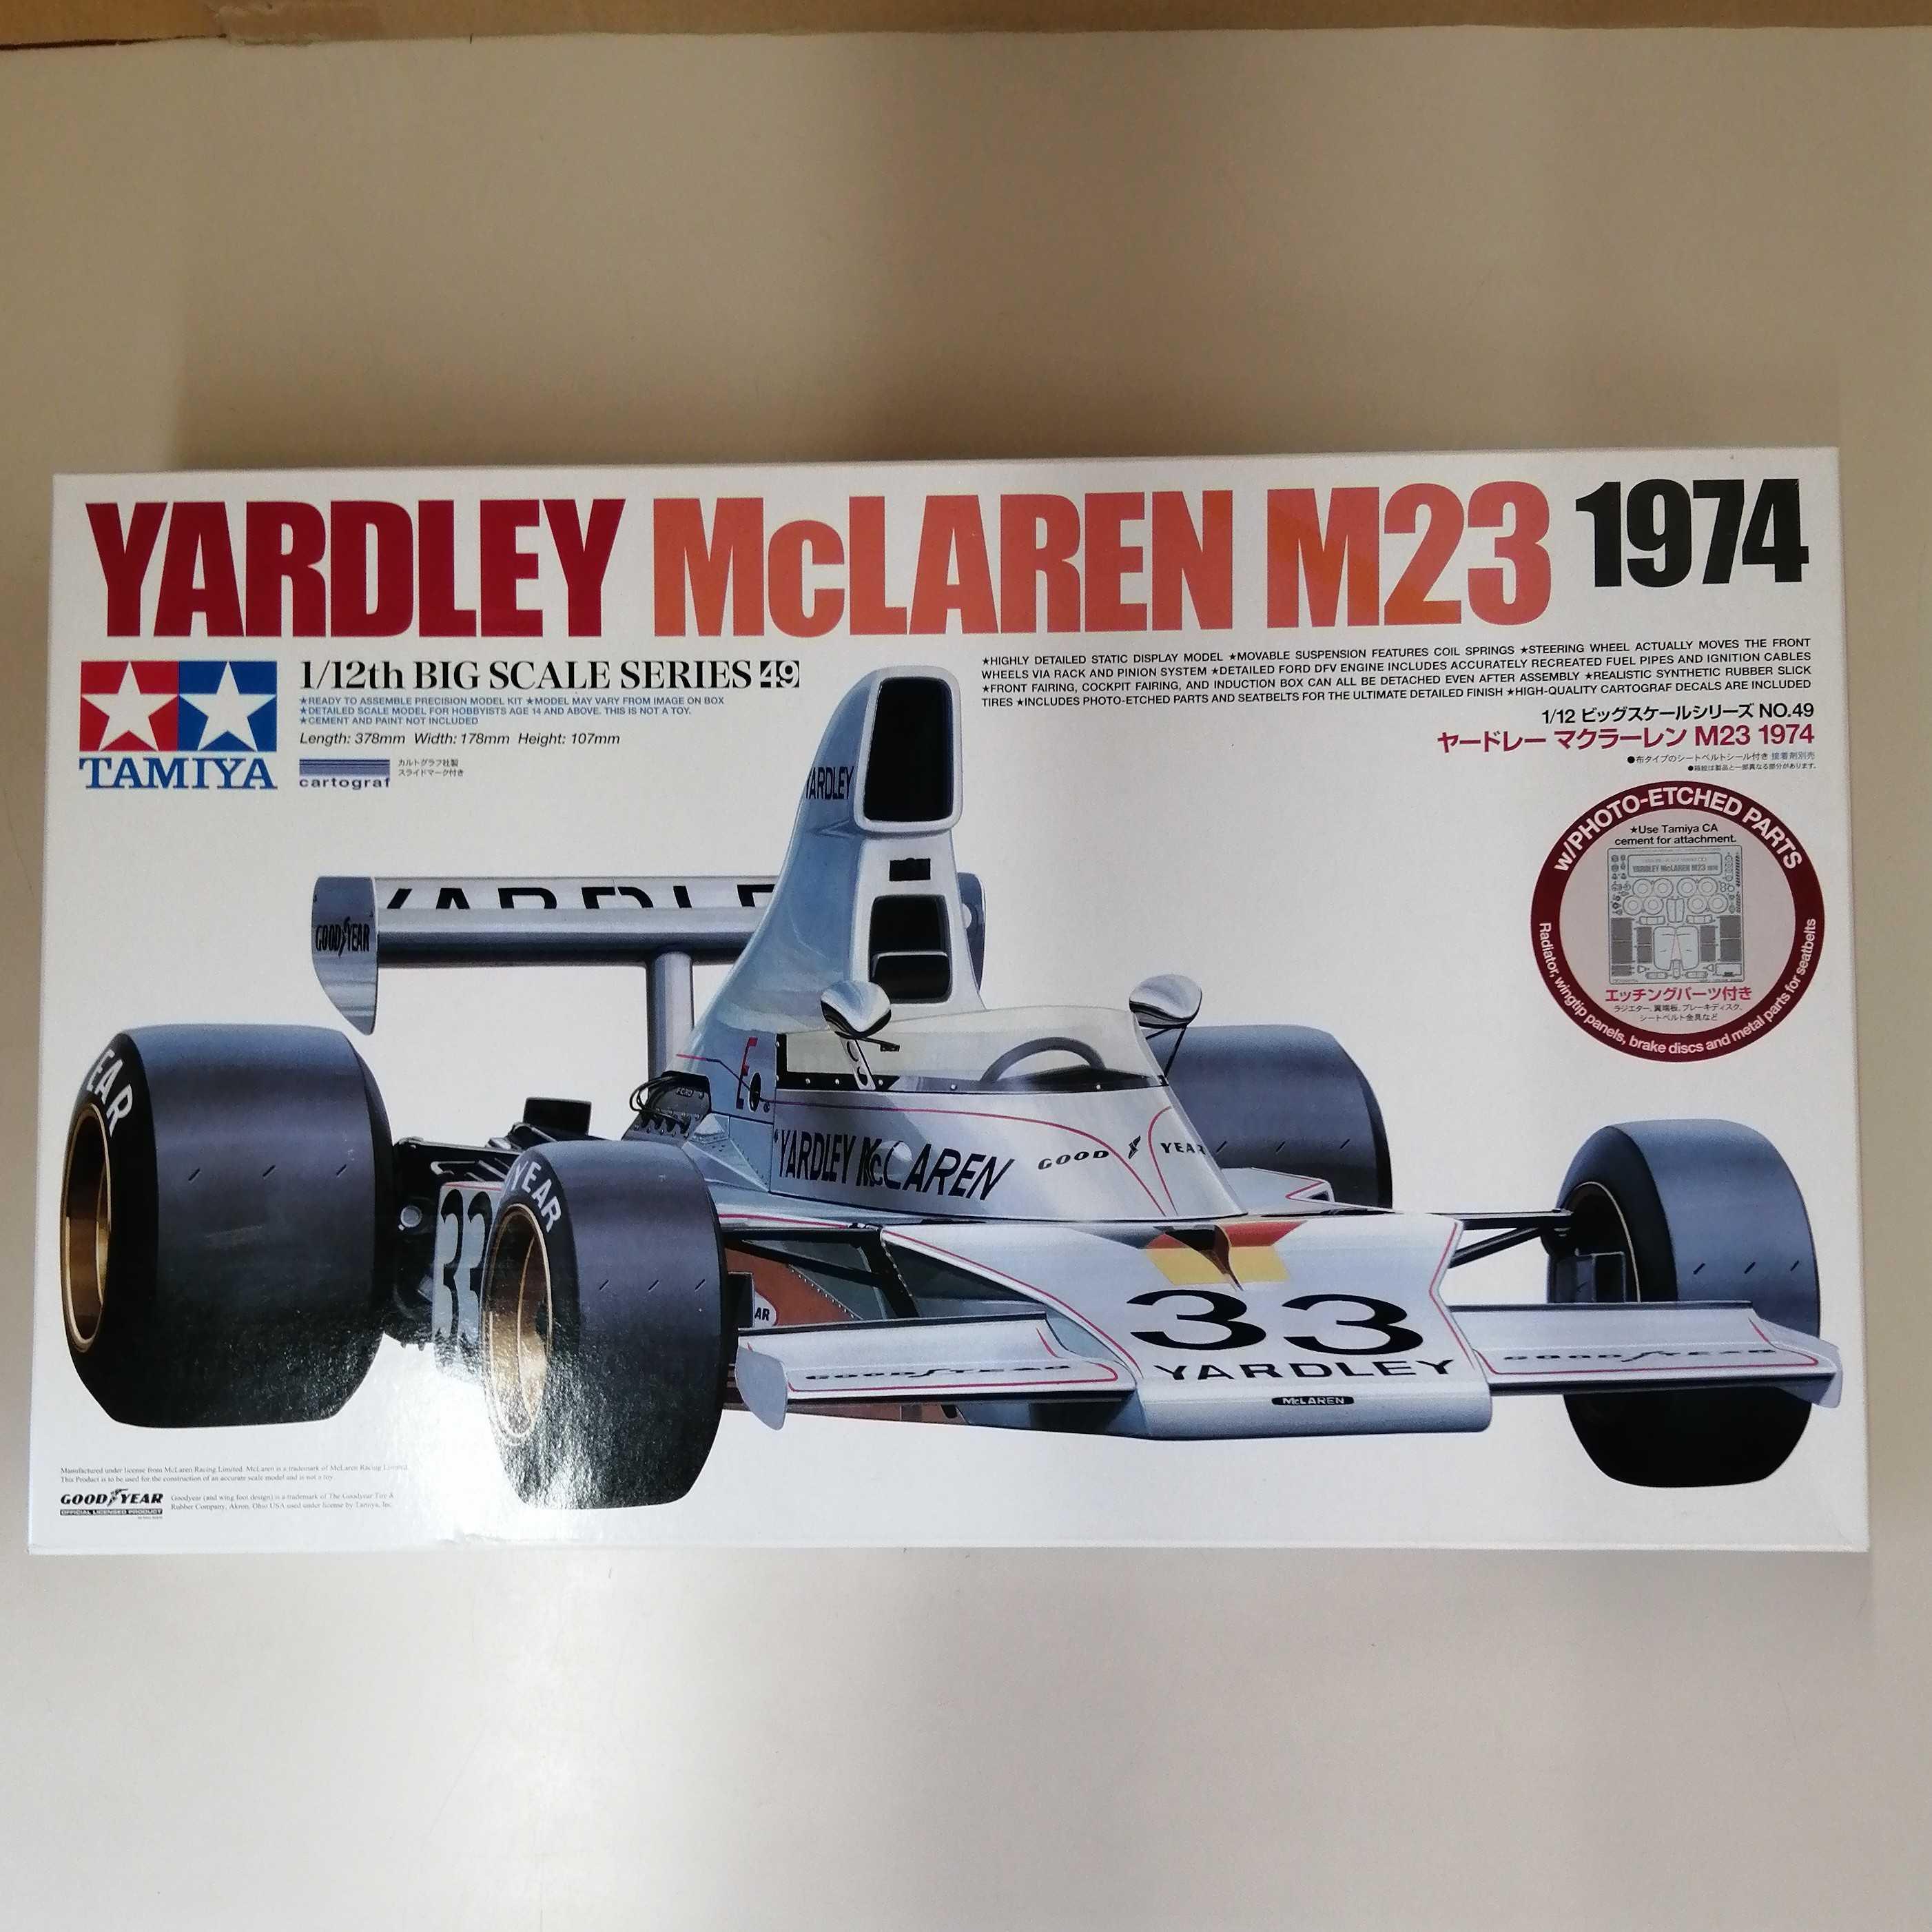 ヤードレー マクラーレン M23 1974 TAMIYA